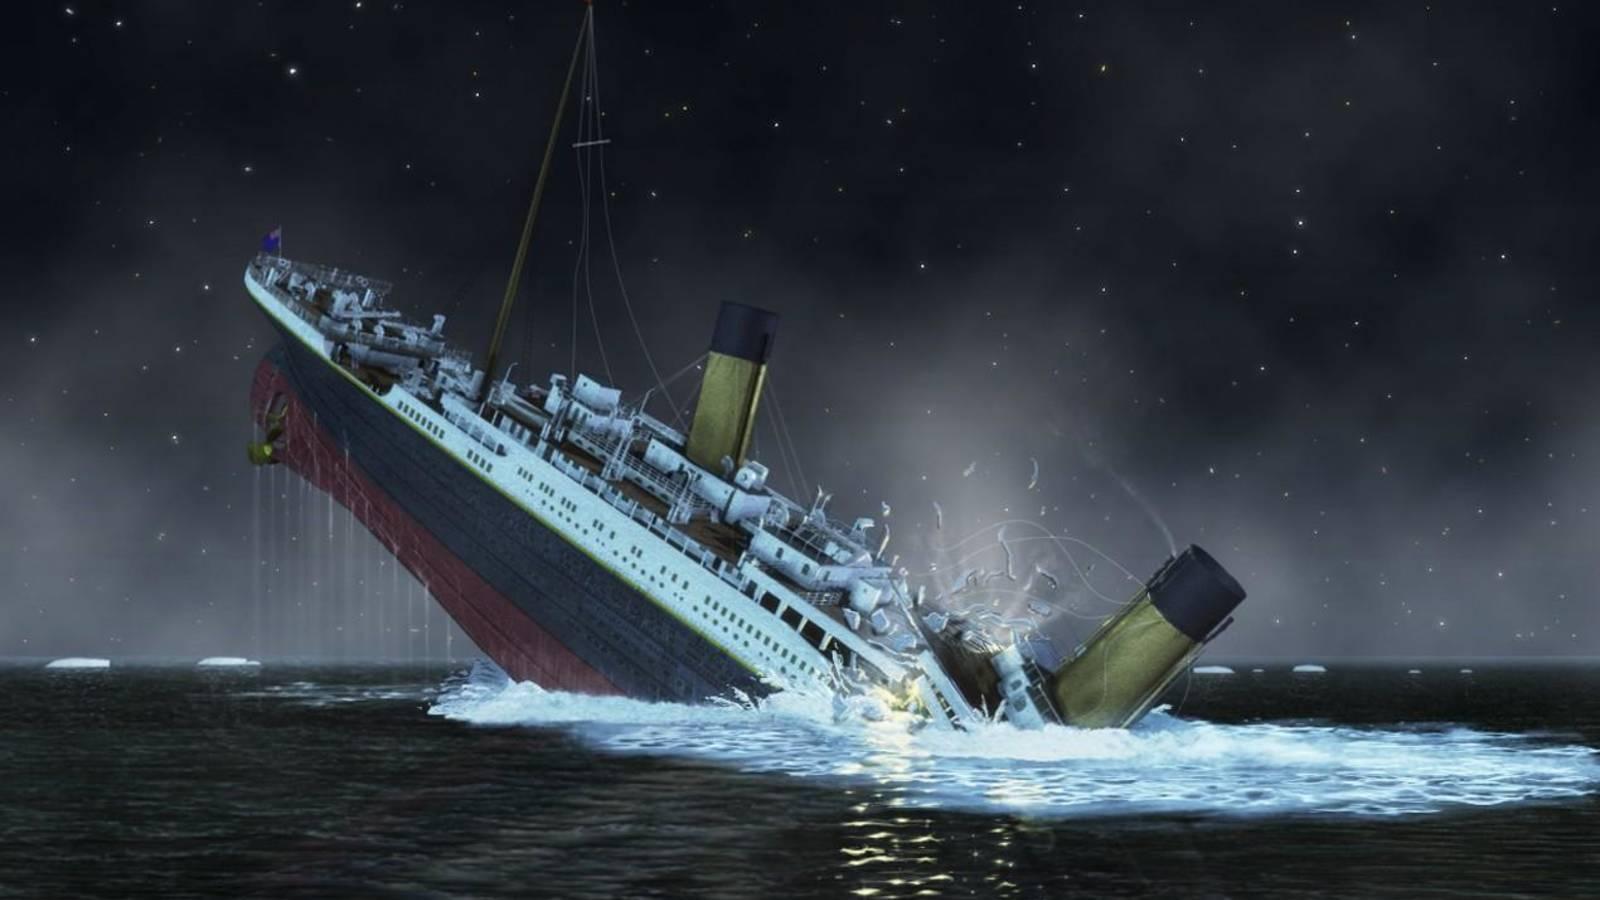 Titanic: A Fateful Journey